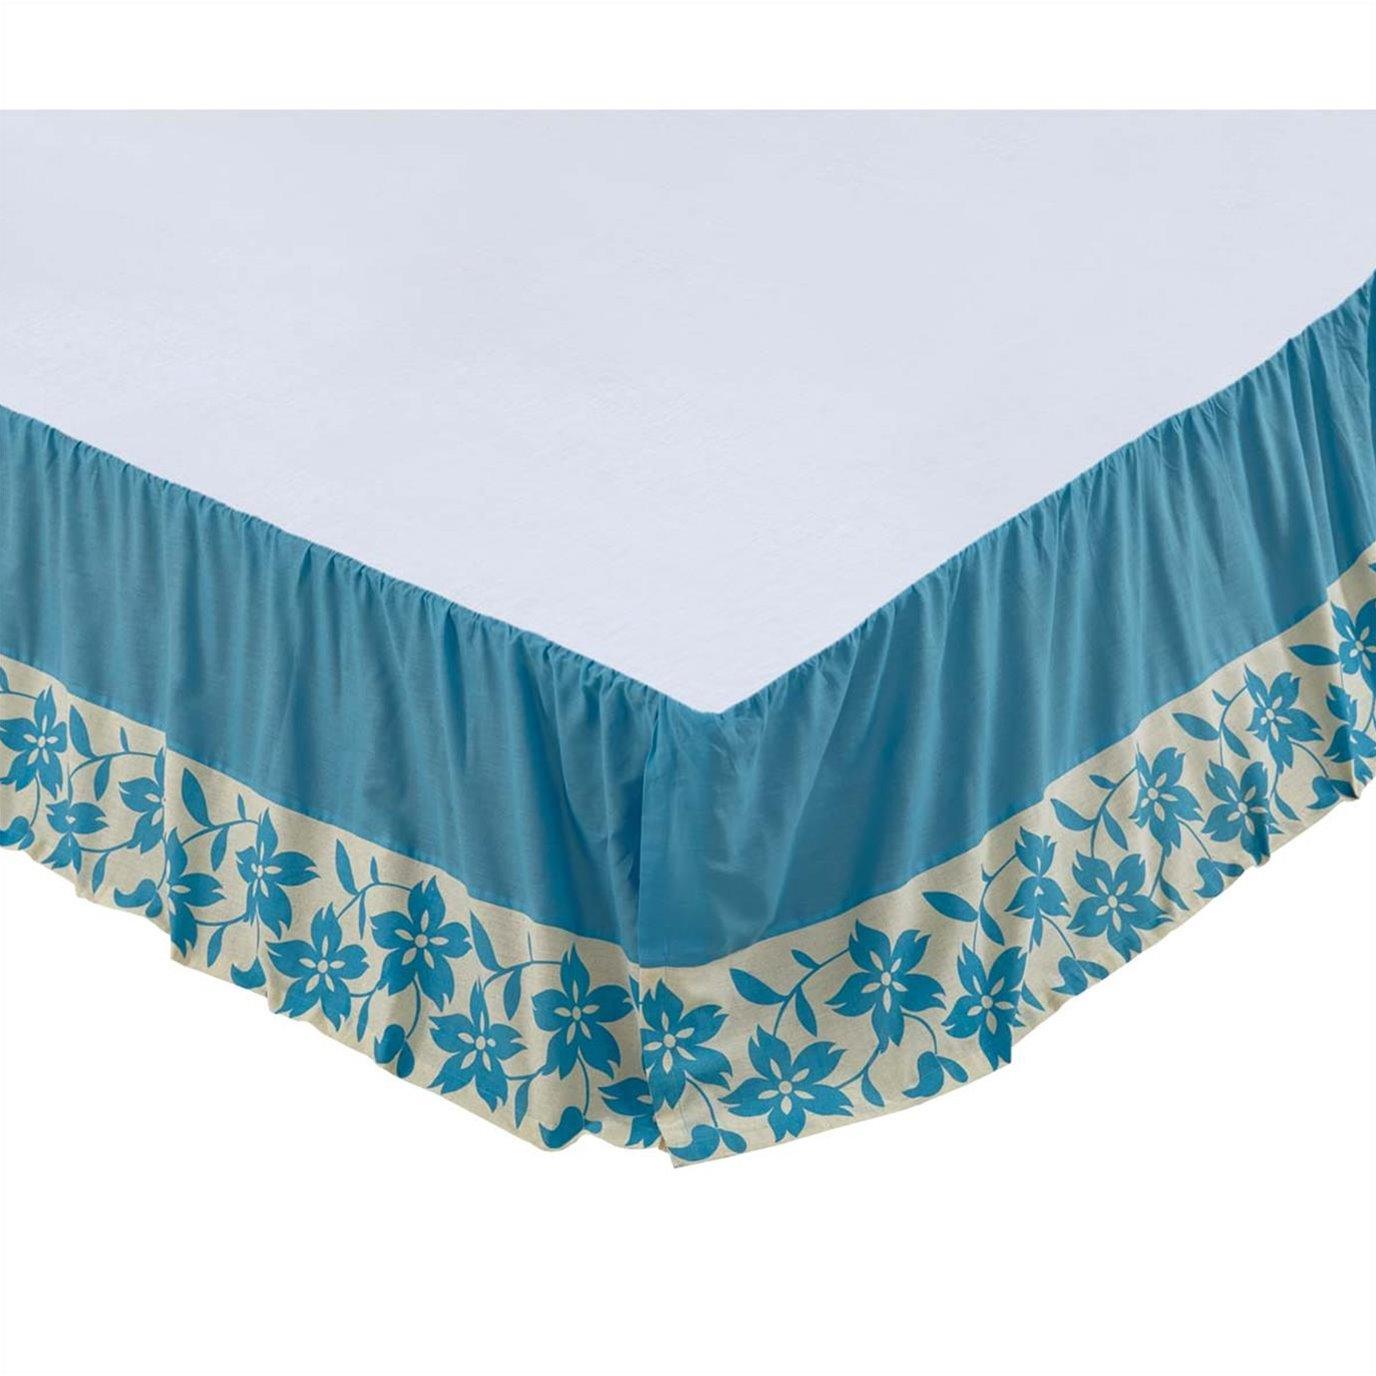 Briar Azure Queen Bed Skirt 60x80x16